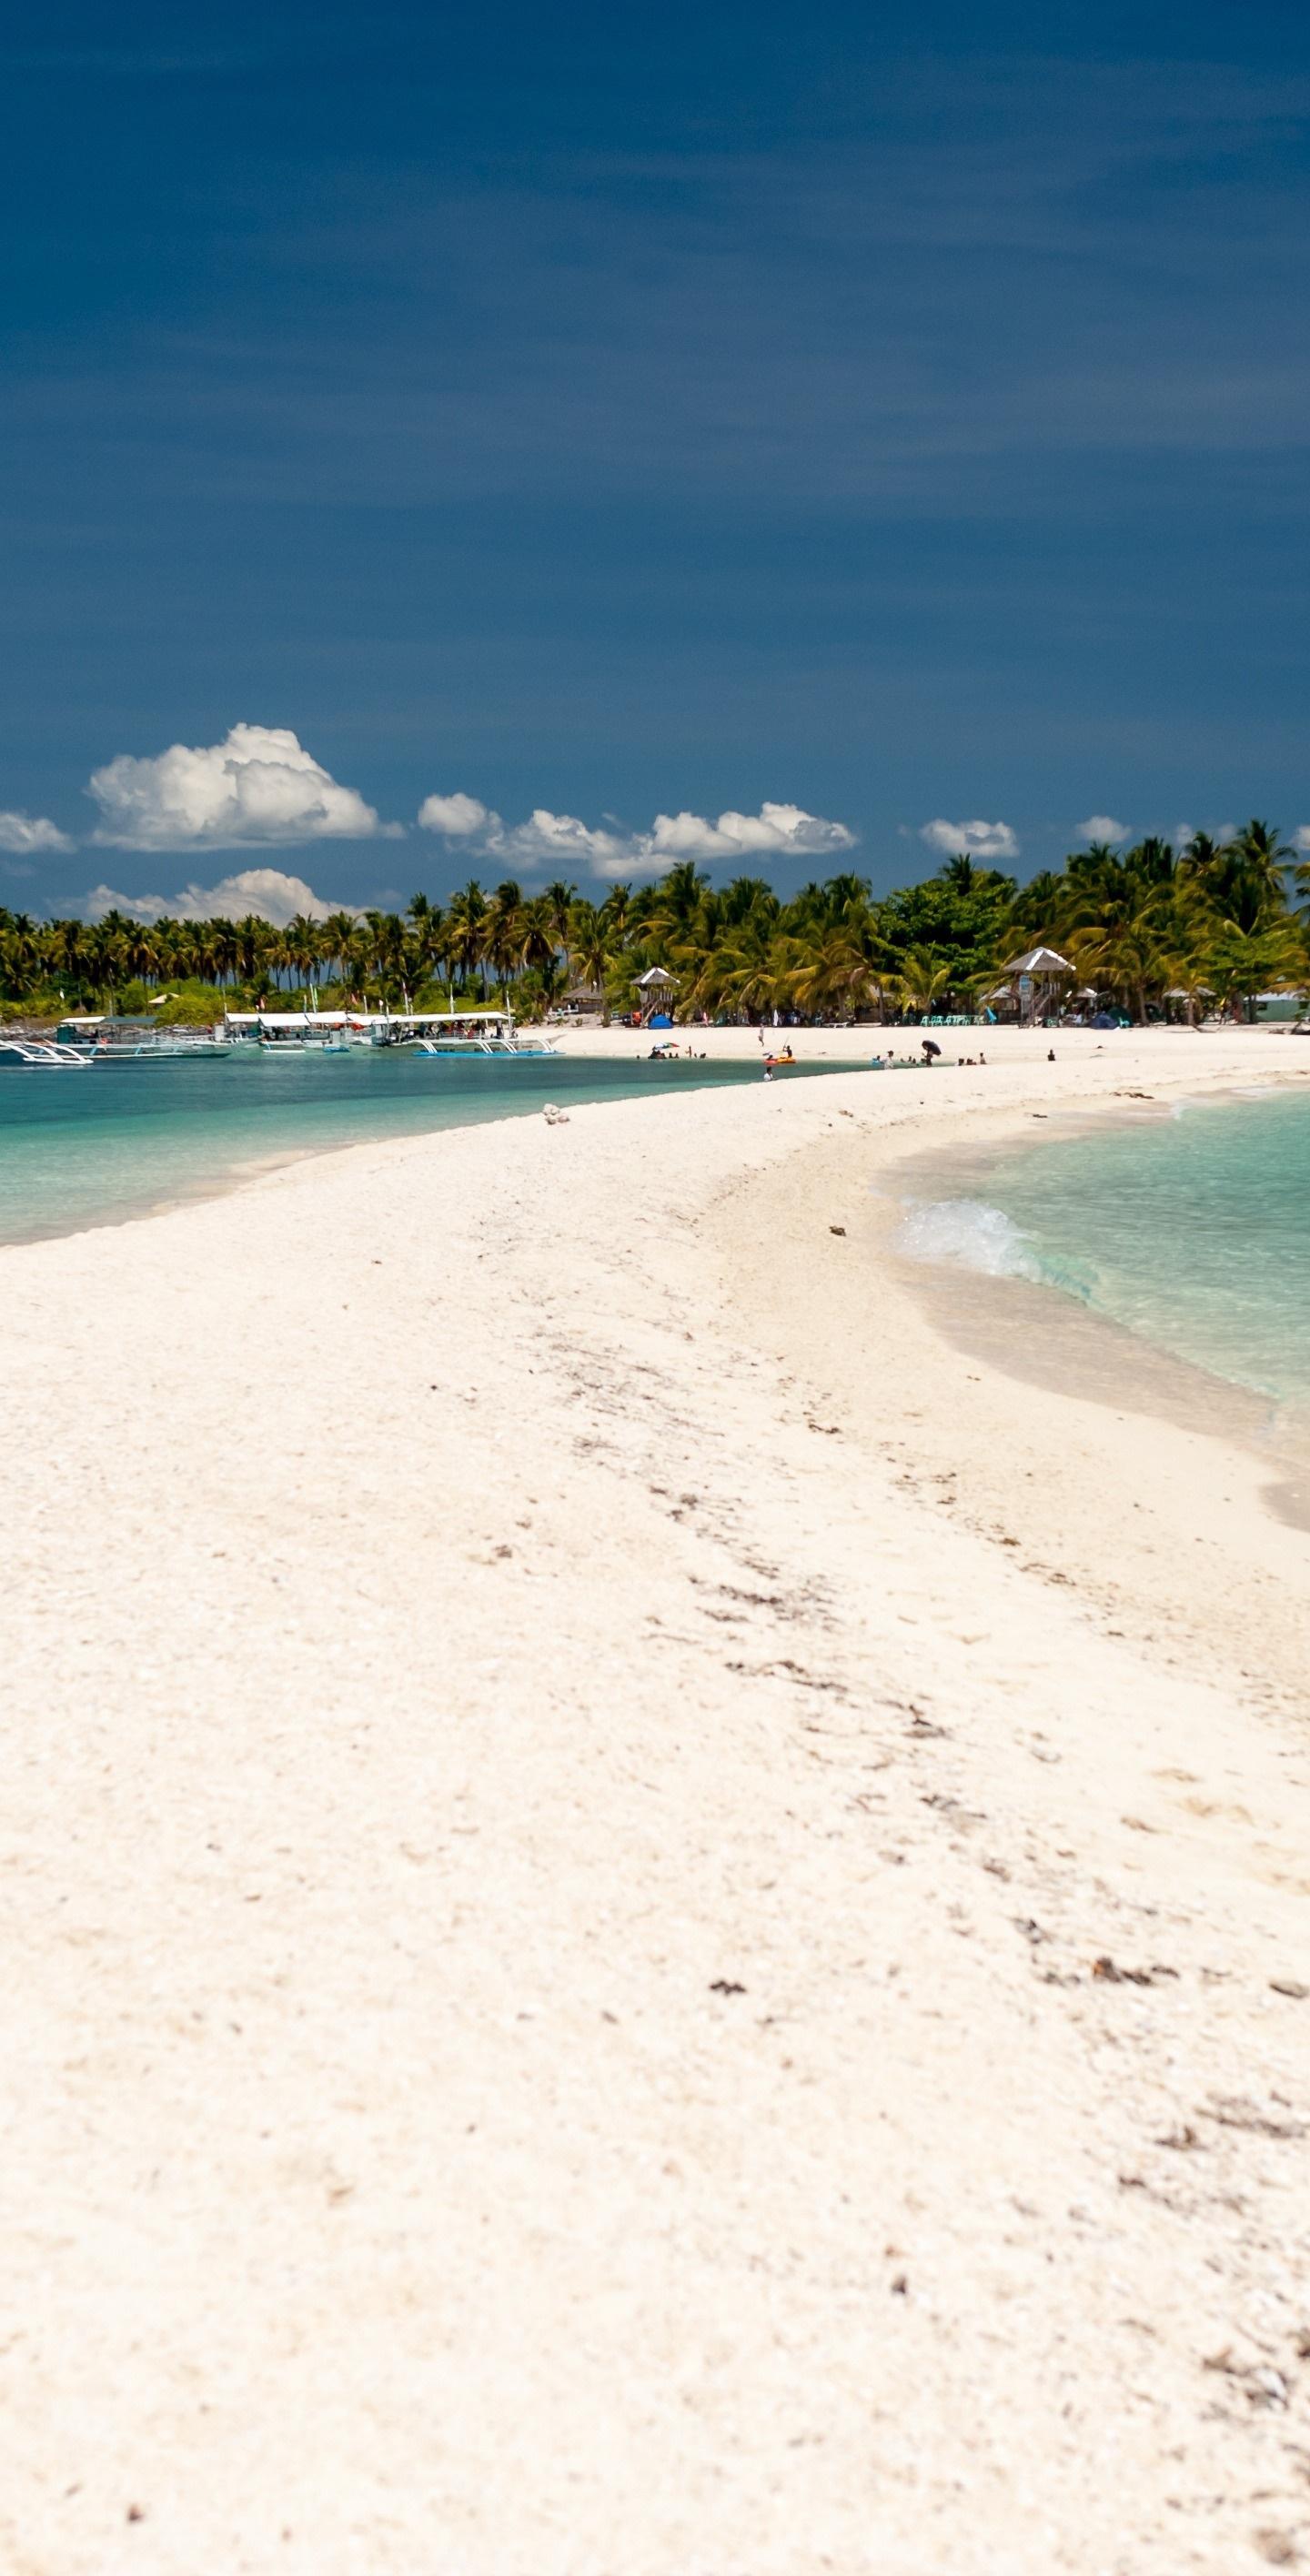 Summer Beach Nature Island Wallpaper   Samsung Galaxy S8 1440x2832